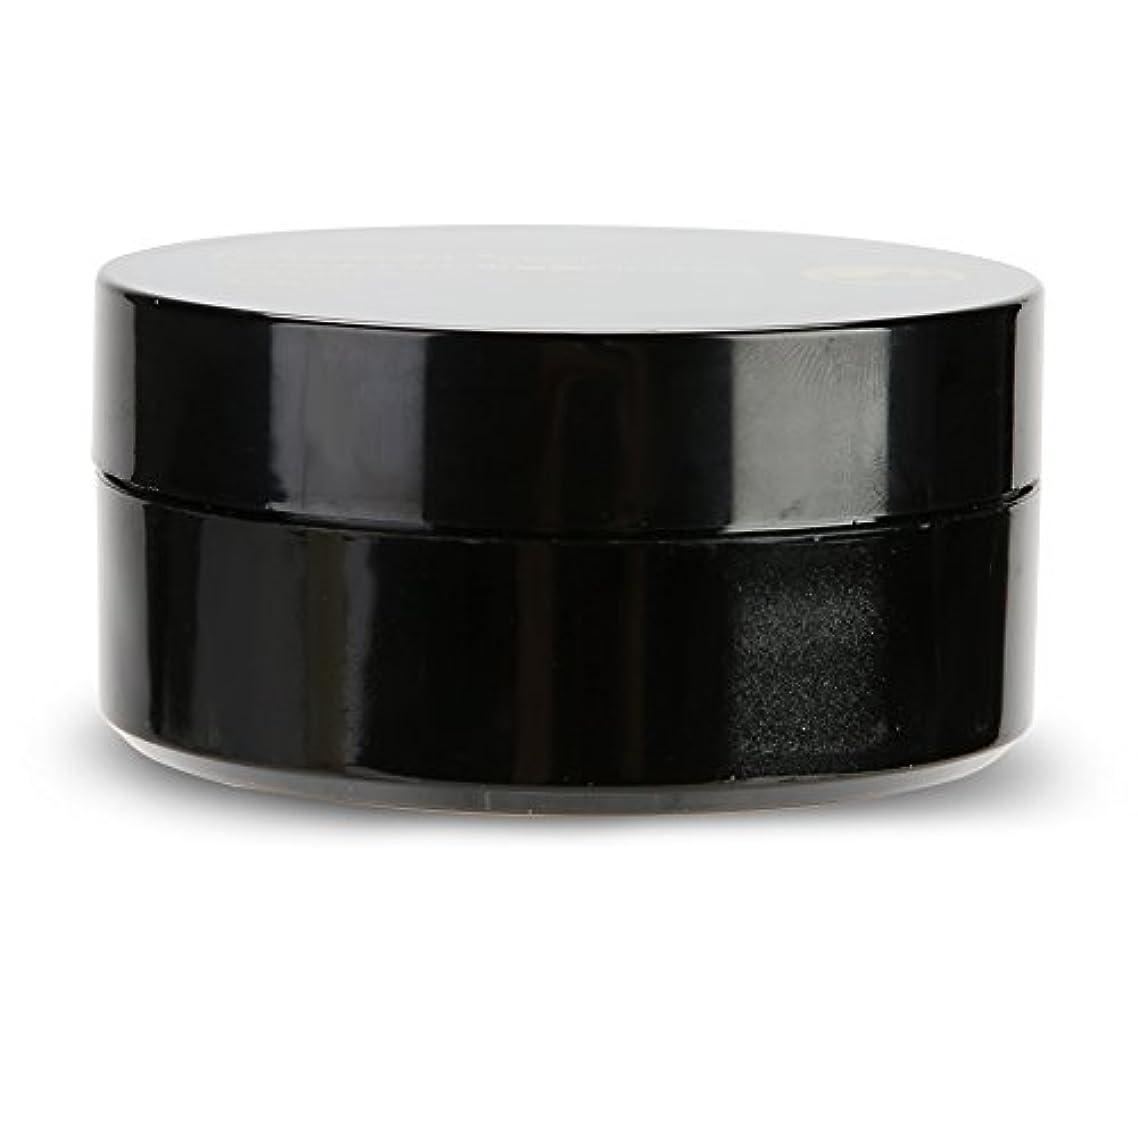 ボーナス到着見捨てる60pcsブラックパールエナジャイジングコラーゲンアイマスク、アンチエイジング、しわを解消ブラックアイと余分な脂肪、アイバッグトリートメント、高保湿